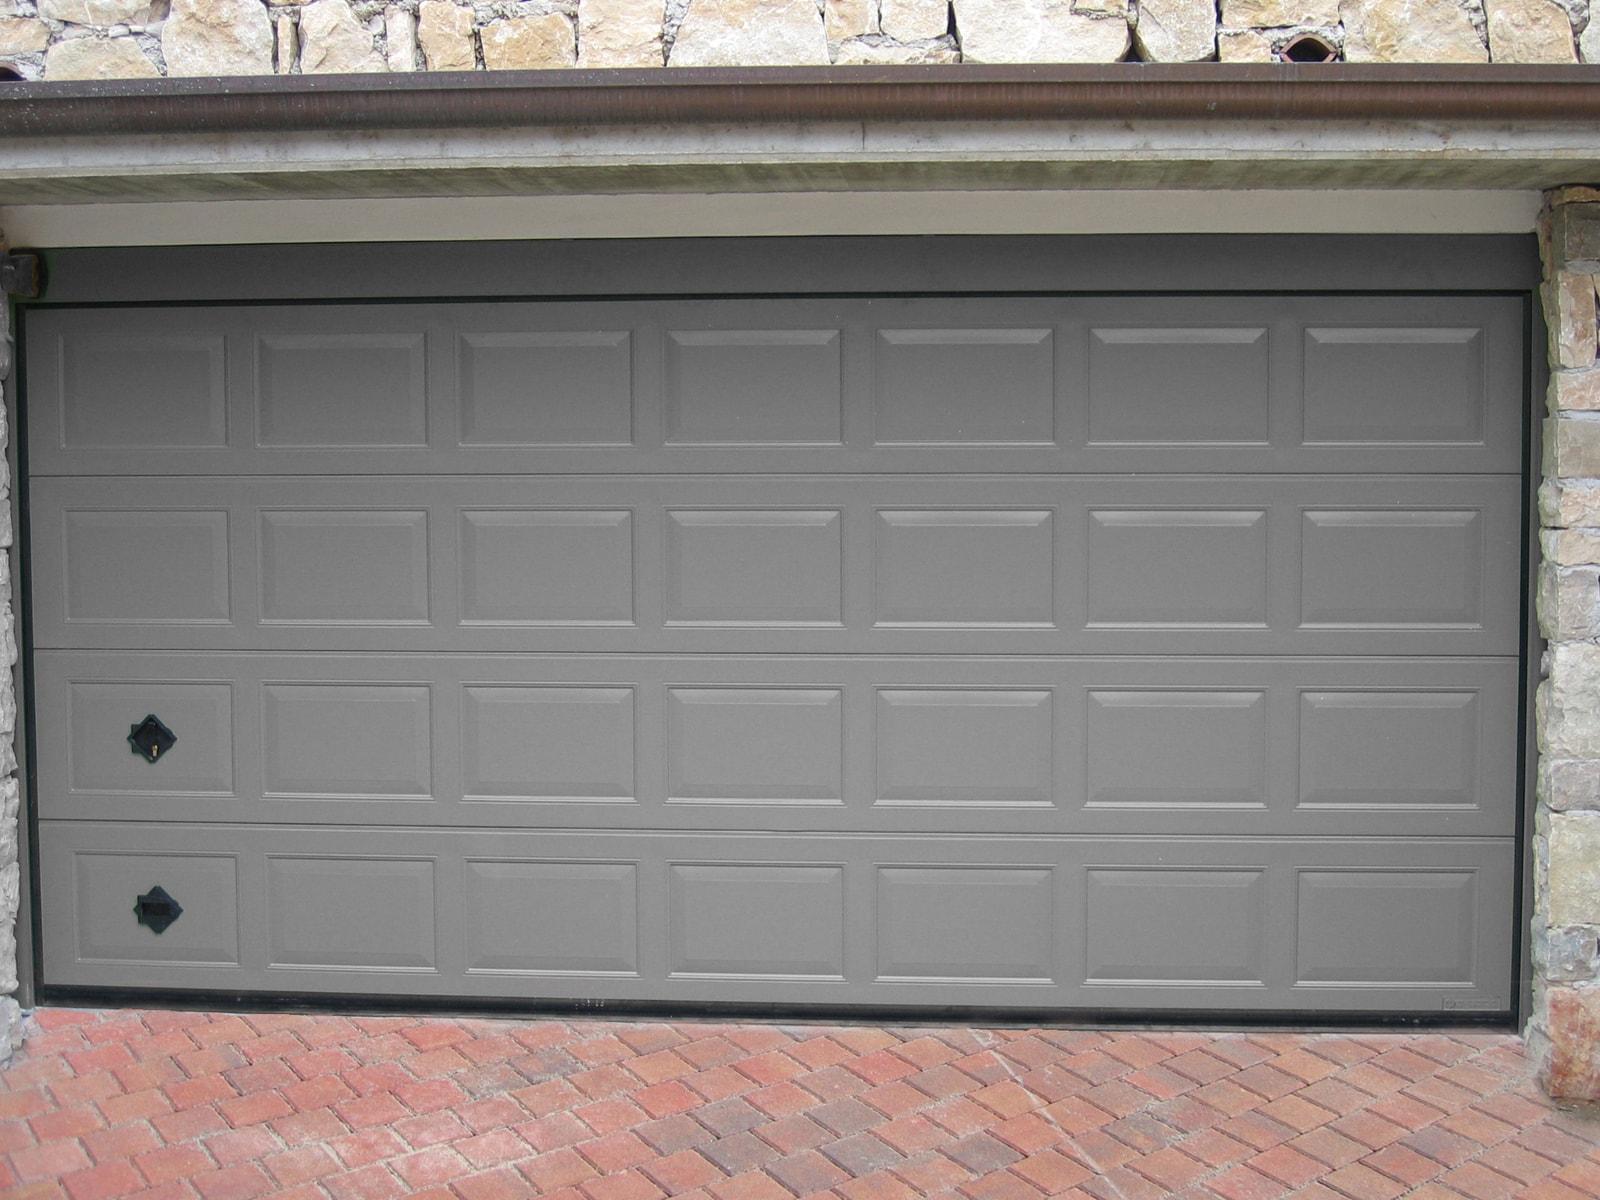 Portone sezionale da garage ATHES - Liscio grigio RAL